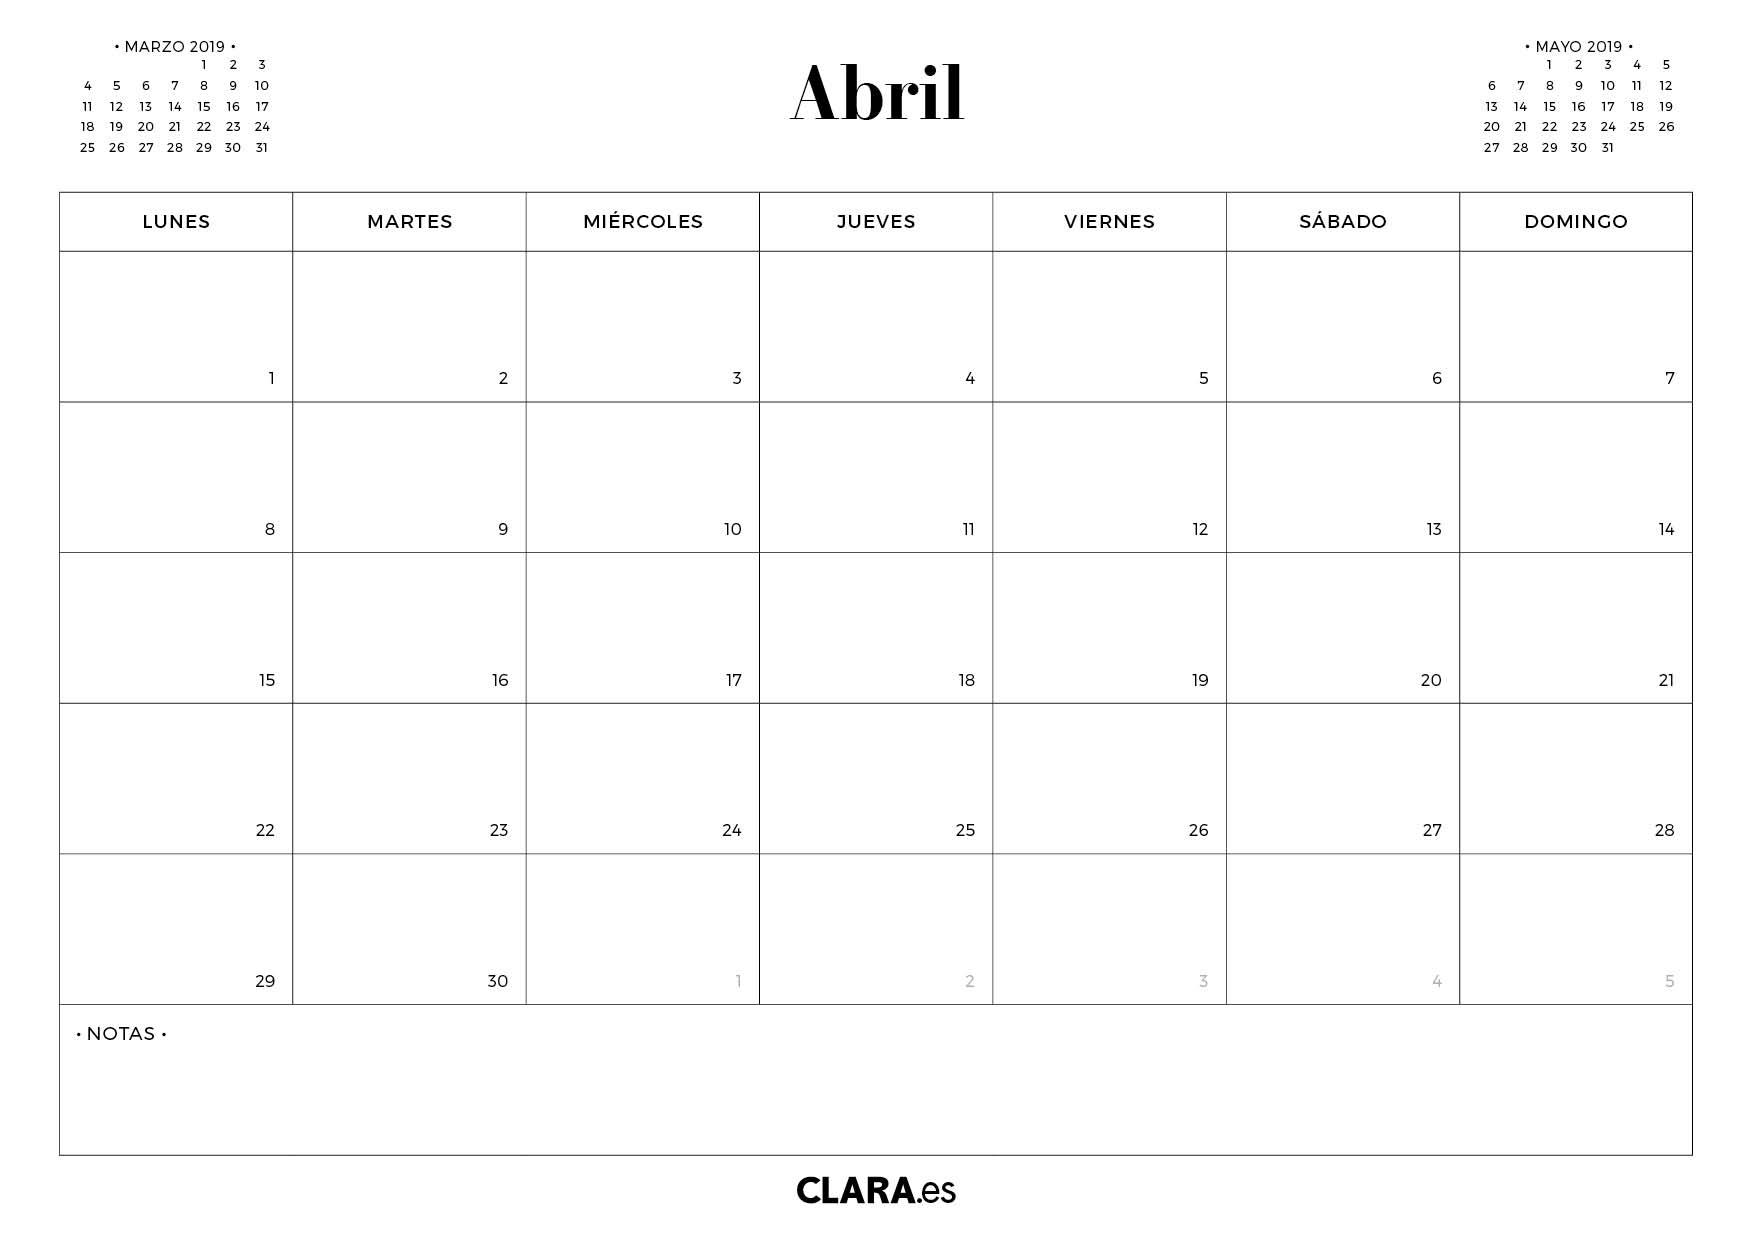 076415d38 Calendario ABRIL 2019 para imprimir gratis (en pdf y jpg)